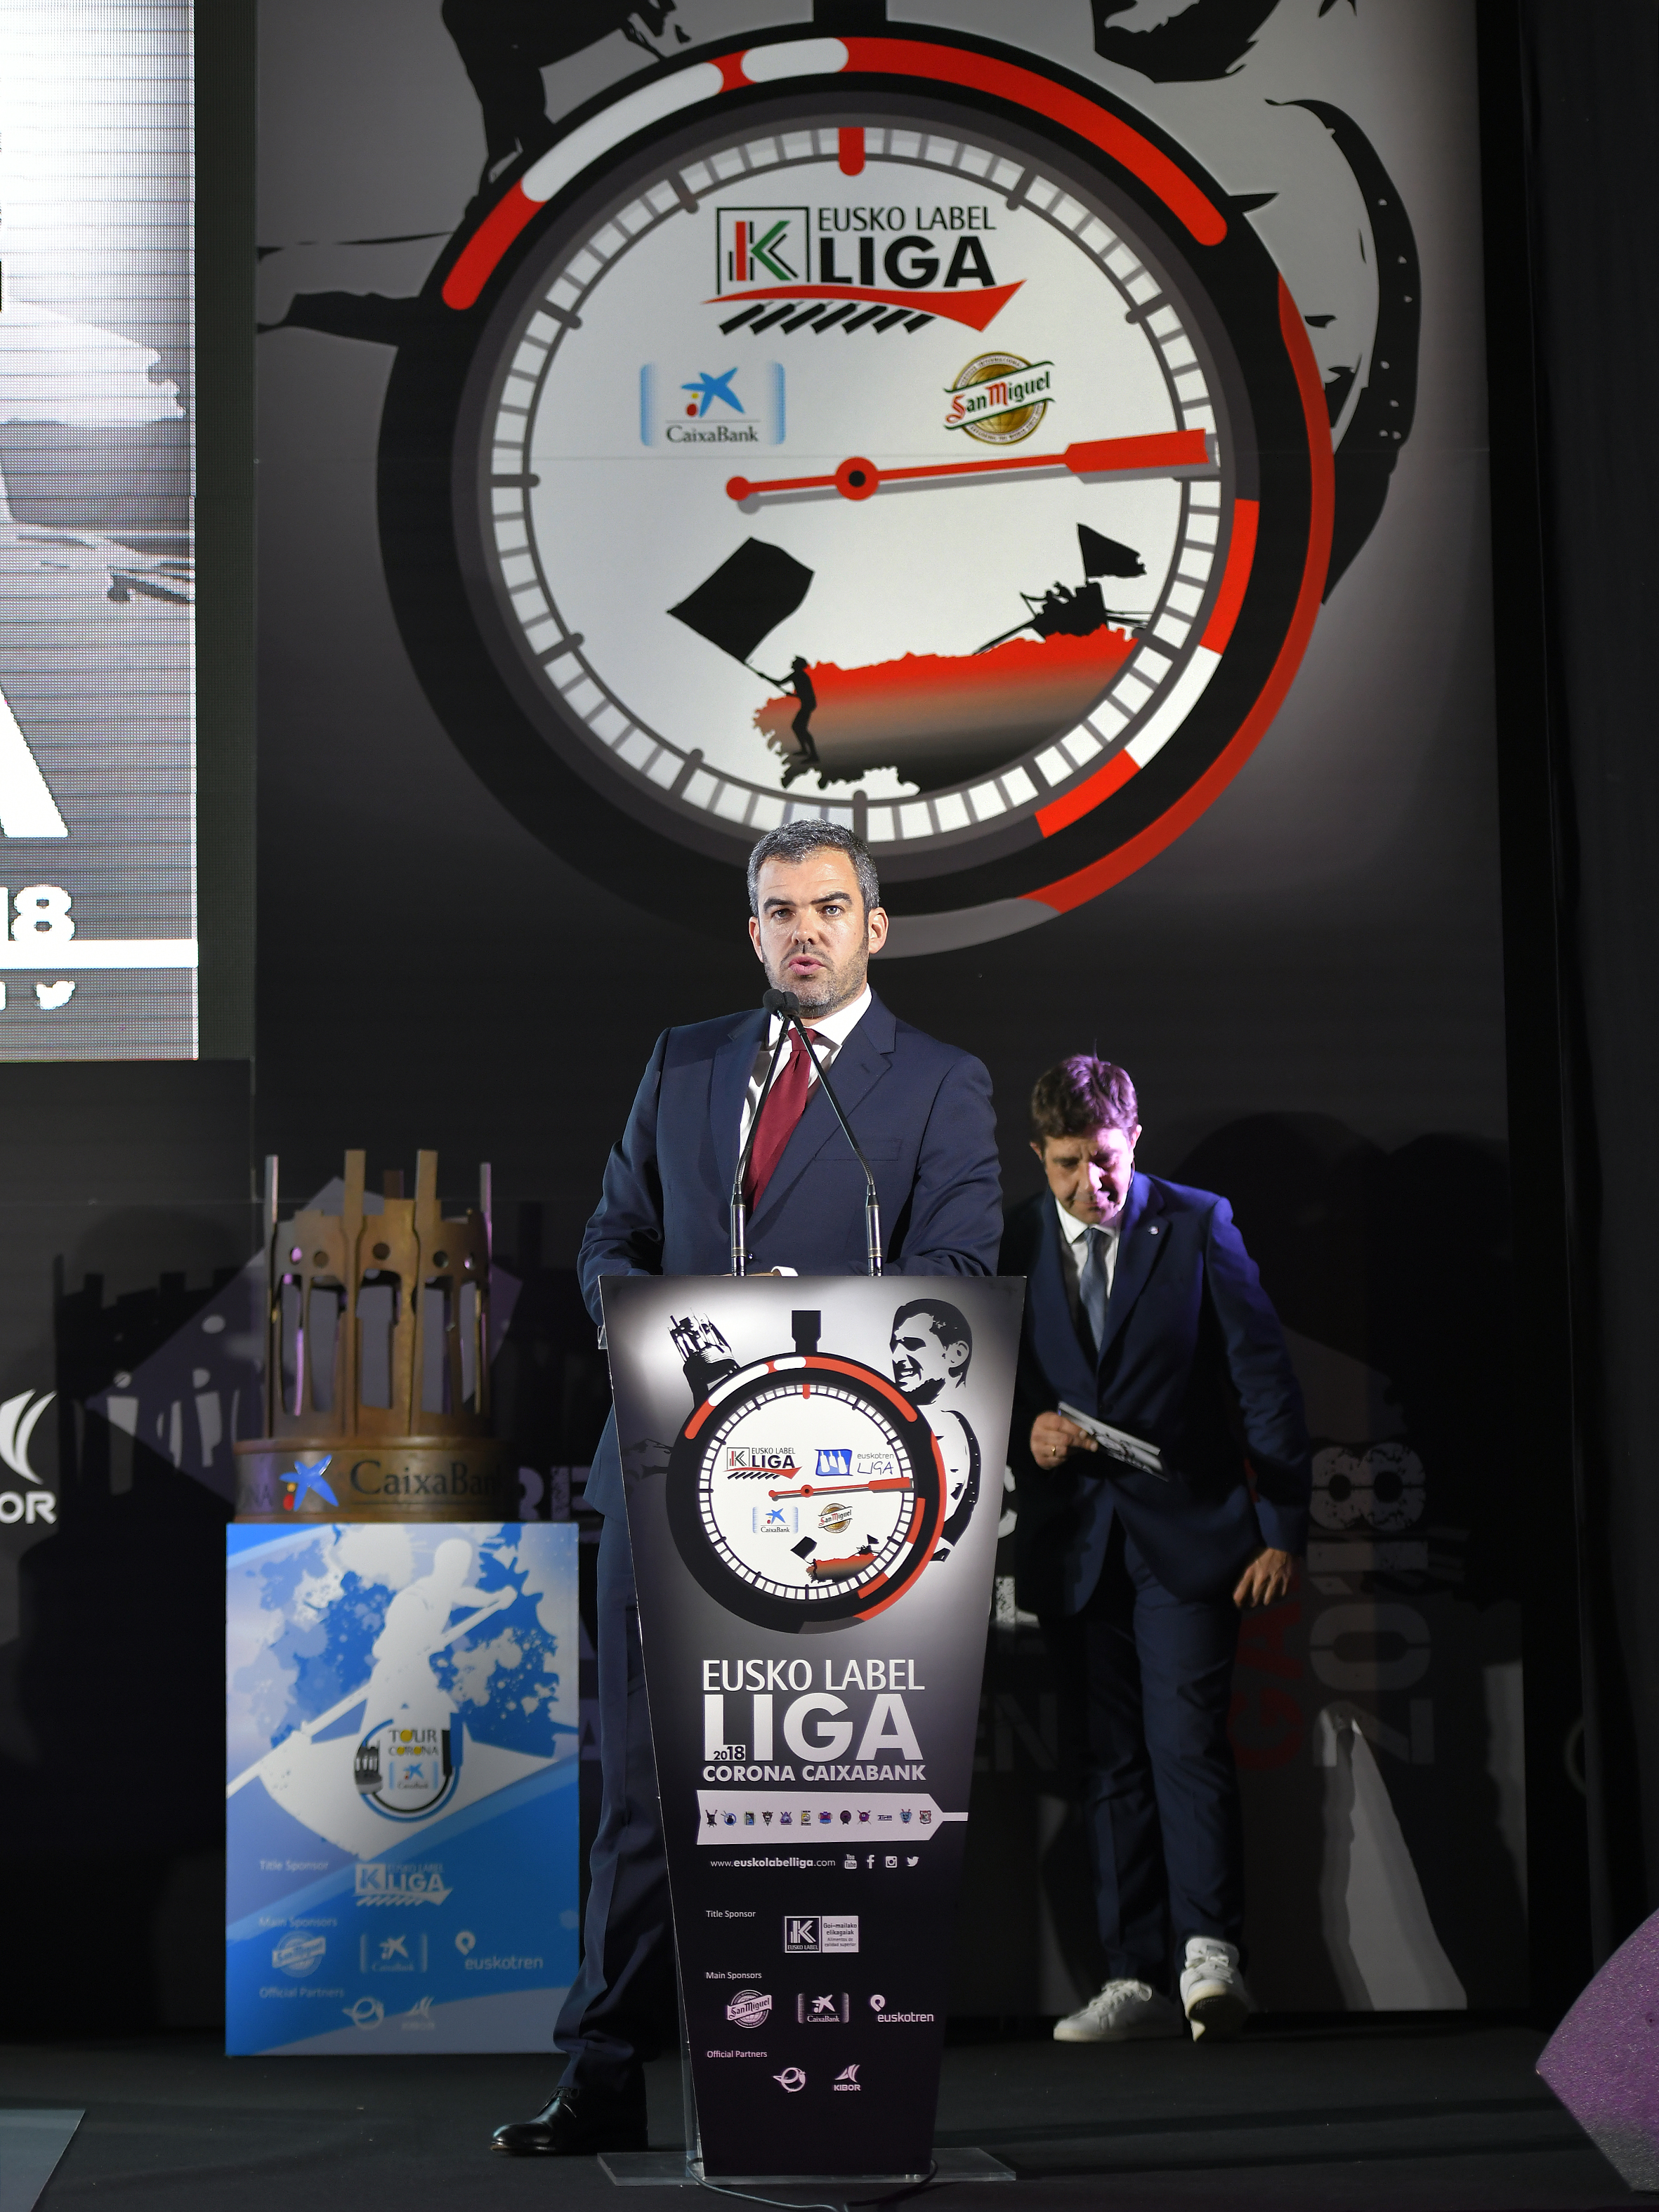 Liga_Euskotren_eta_Euskolabel_13.jpg